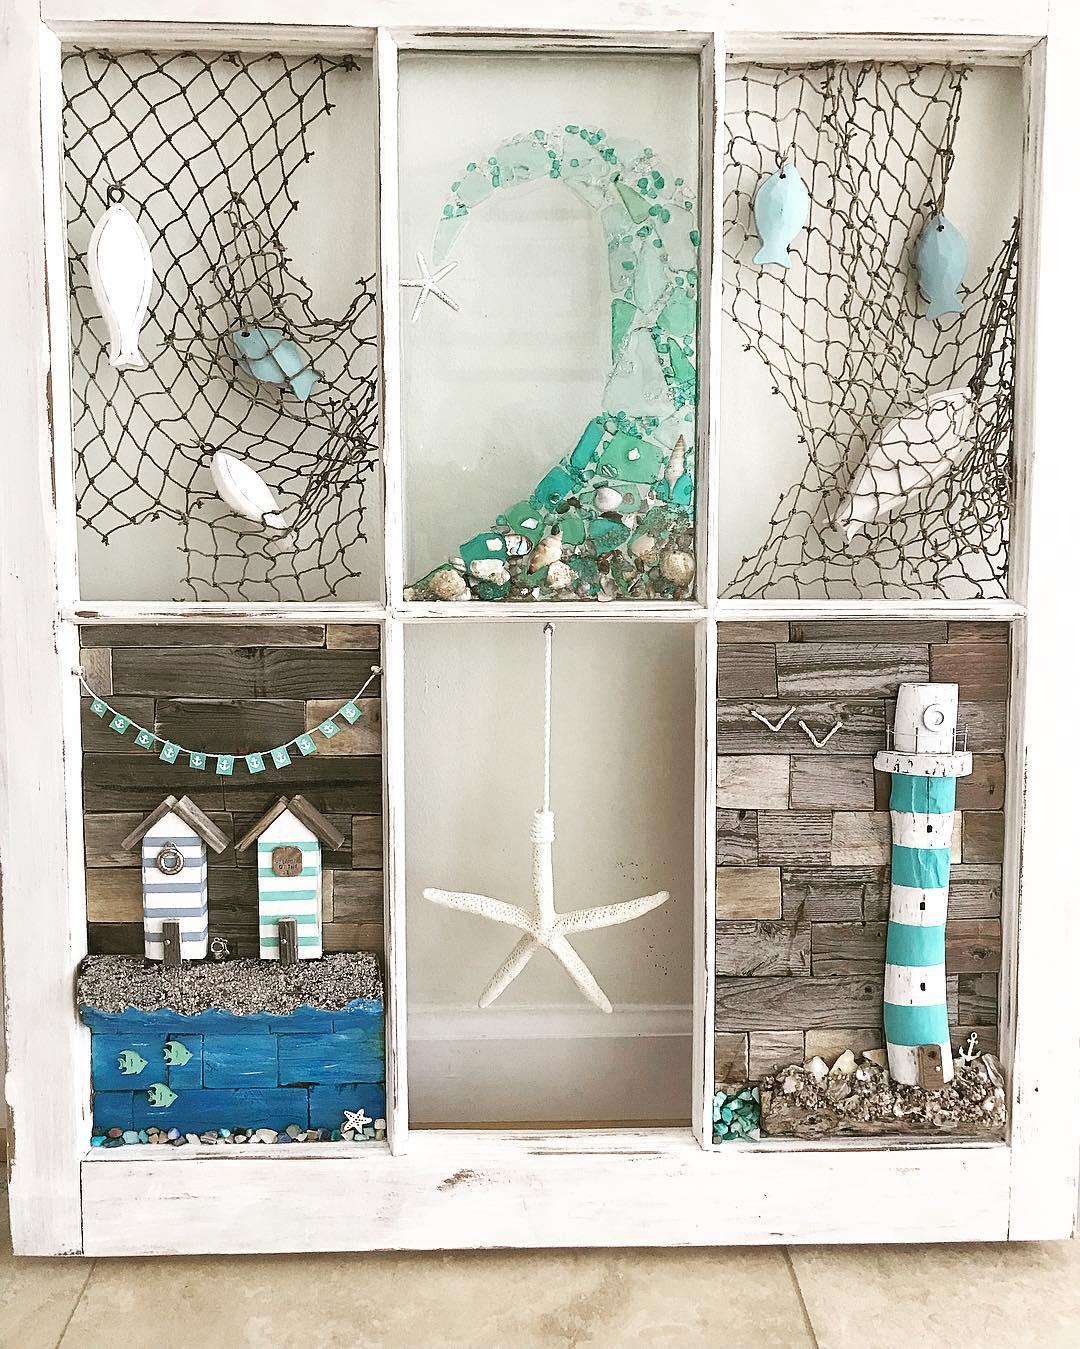 Что можно сделать из старого окна и рамы: идеи, фото, декор